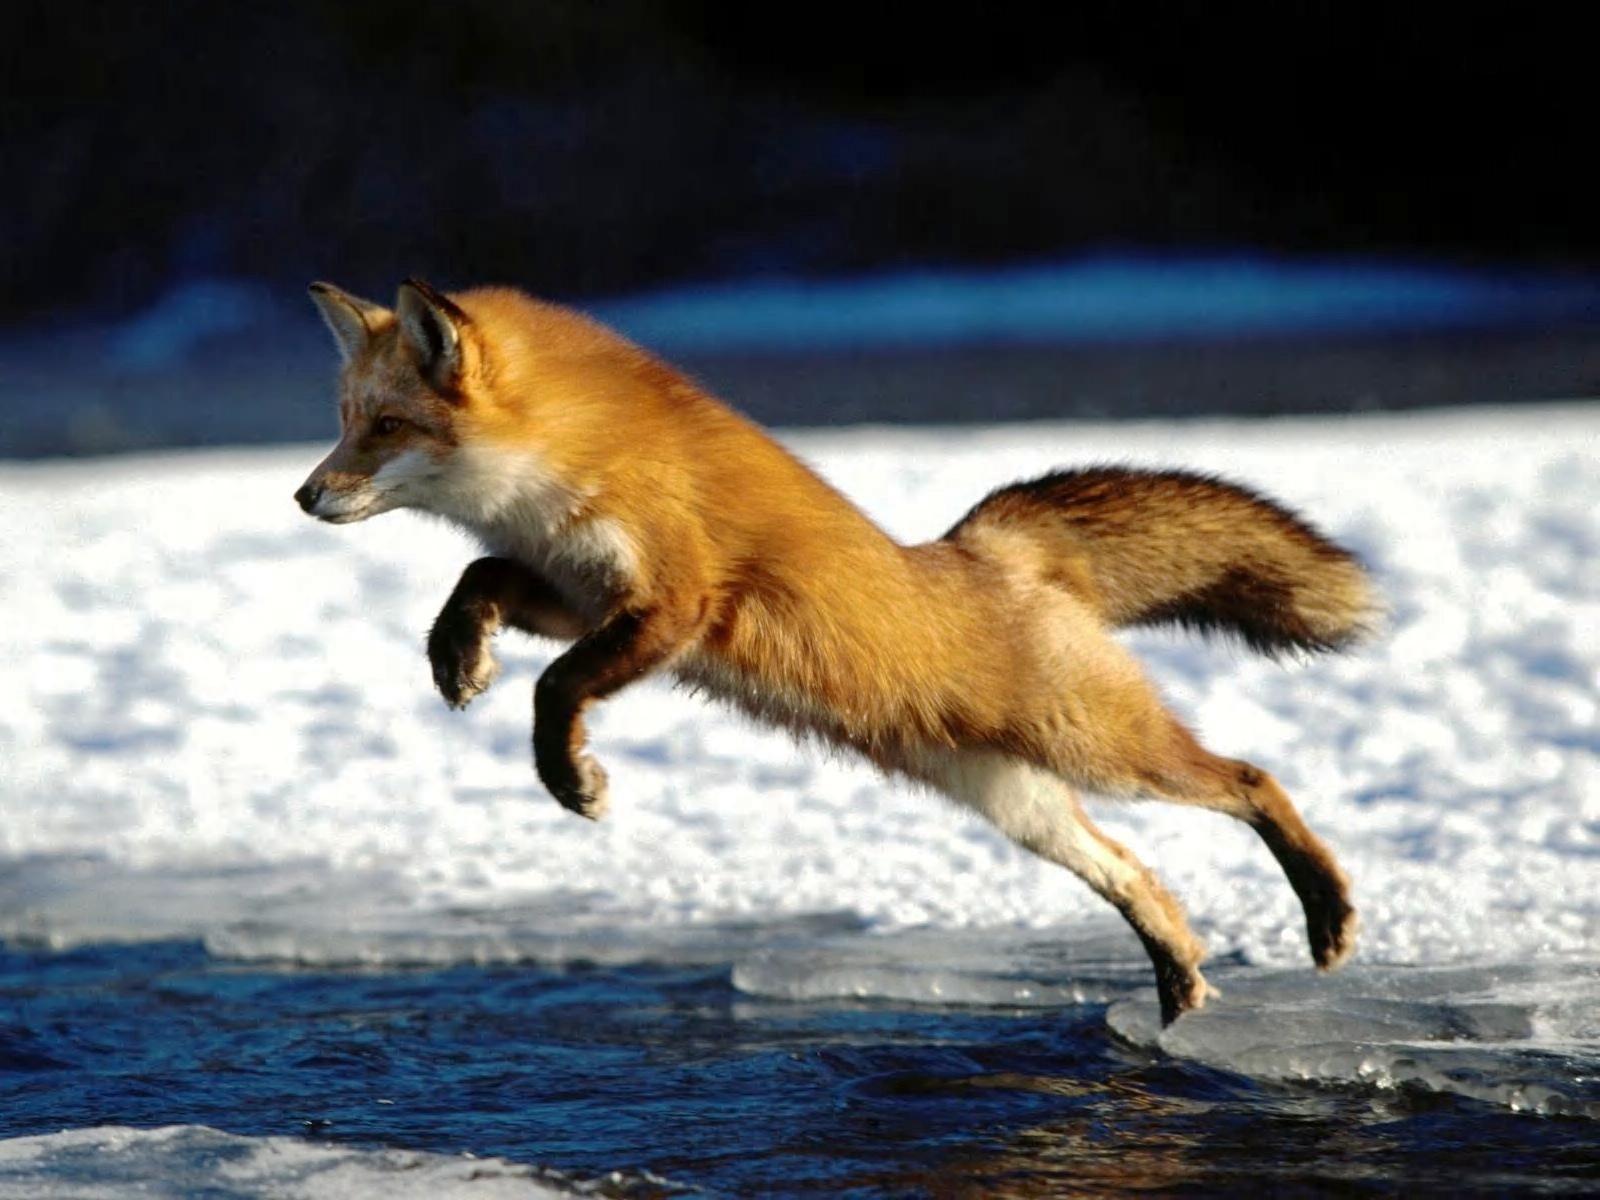 Red Fox Wallpaper HD 46023 1920x1200 px ~ HDWallSource.com ...